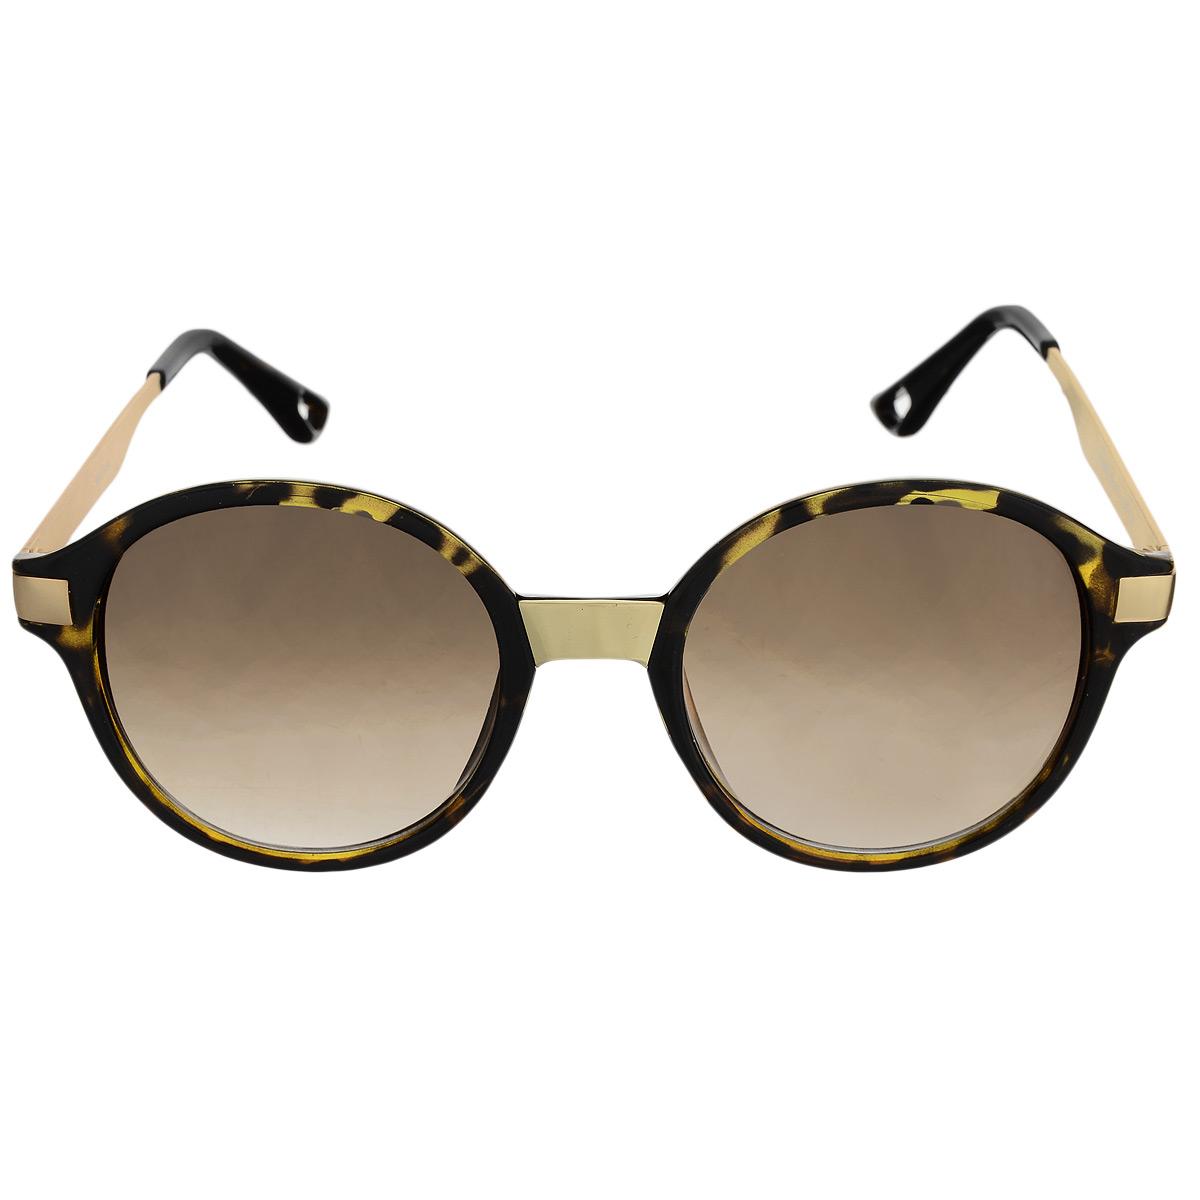 Солнцезащитные очки женские Selena, цвет: коричневый, золотой. 80031001BM8434-58AEСолнцезащитные женские очки Selena, выполненные с линзами из высококачественного пластика PC с зеркальным эффектом fresh mirror, оправа оформлена принтом леопард.Используемый пластик не искажает изображение, не подвержен нагреванию и вредному воздействию солнечных лучей. Линзы данных очков с высокоэффективным UV-фильтром обеспечивают полную защиту от ультрафиолетовых лучей. Металлическая оправа очков легкая, прилегающей формы и поэтому не создает никакого дискомфорта.Такие очки защитят глаза от ультрафиолетовых лучей, подчеркнут вашу индивидуальность и сделают ваш образ завершенным.